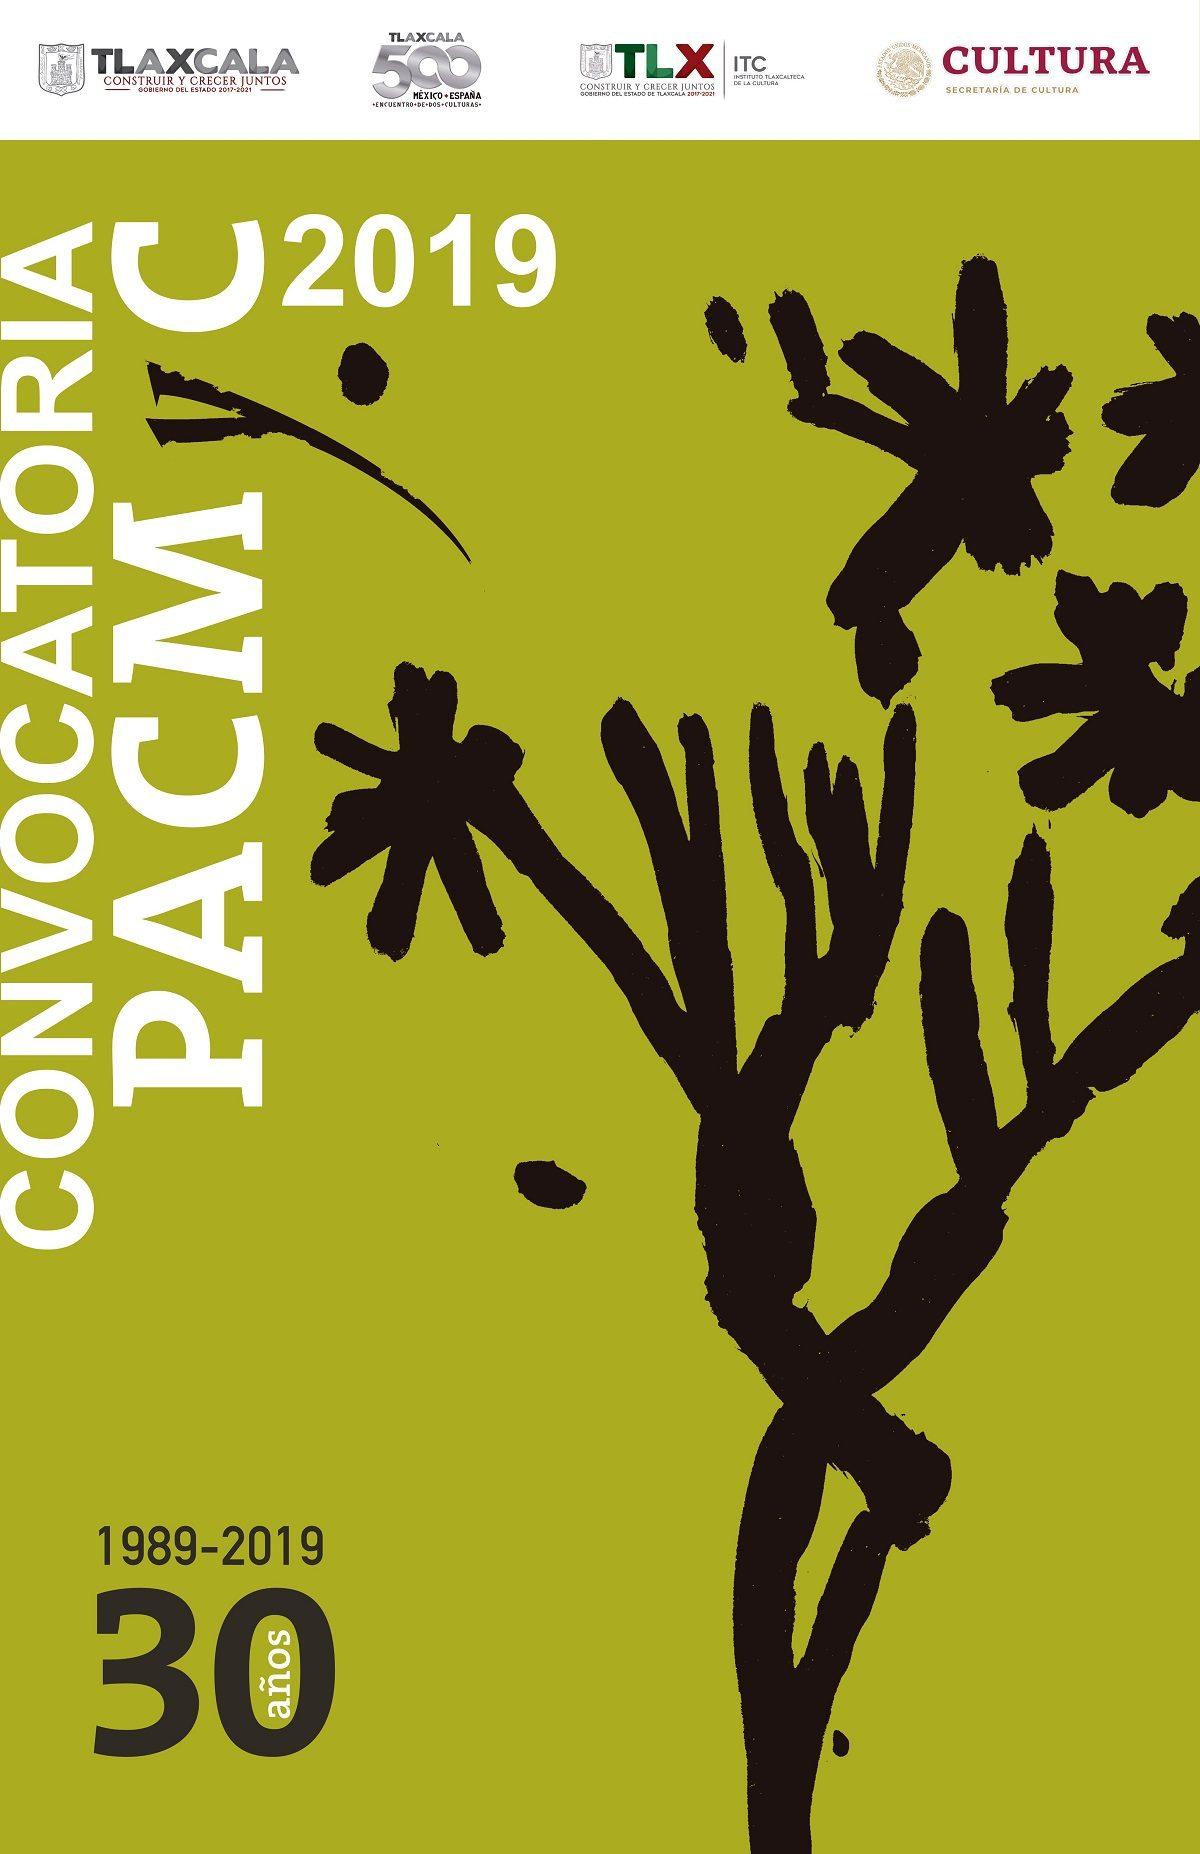 PRESENTA ITC CONVOCATORIA PACMYC 2019